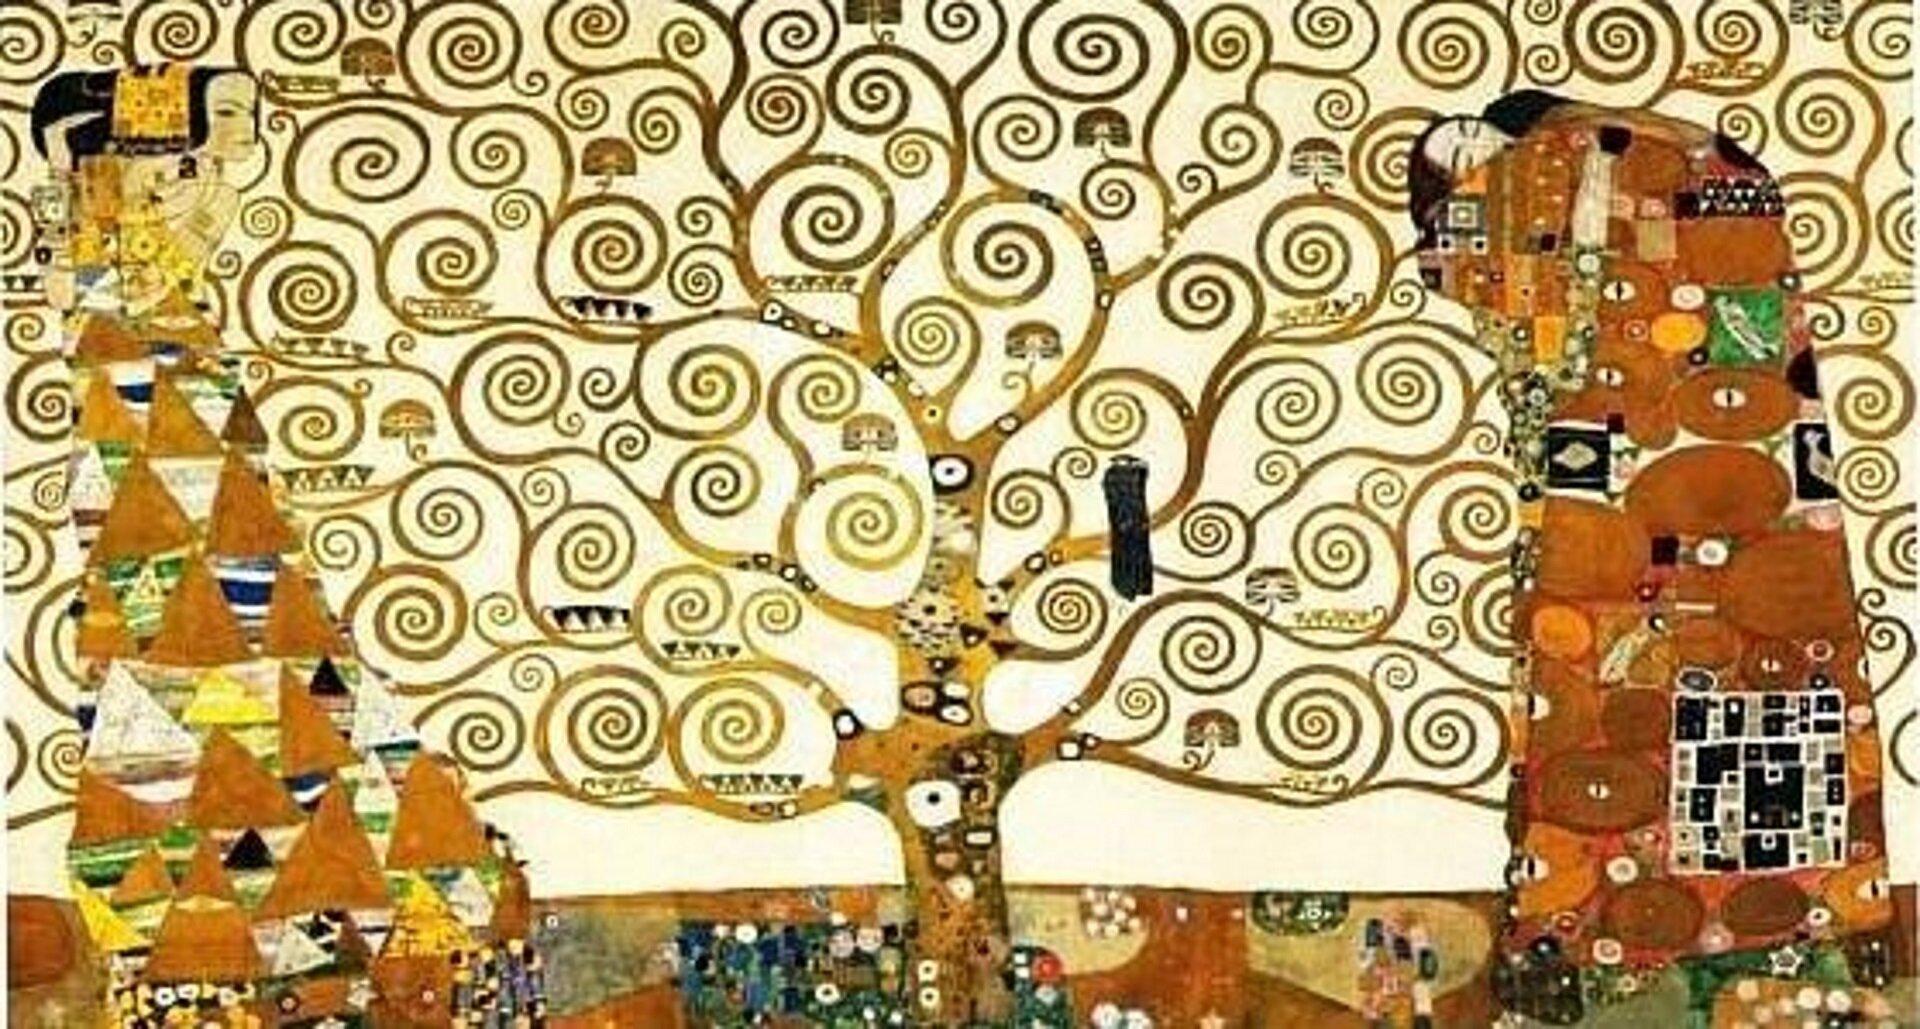 """lustracja przedstawia obraz """"Drzewo życia"""" autorstwa Gustawa Klimta. Obraz ukazuje drzewo stworzone zpołączeniami różnych wzorów. Po dokładnym przyjrzeniu się można dostrzec postacie ludzi po prawej ilewej stronie."""